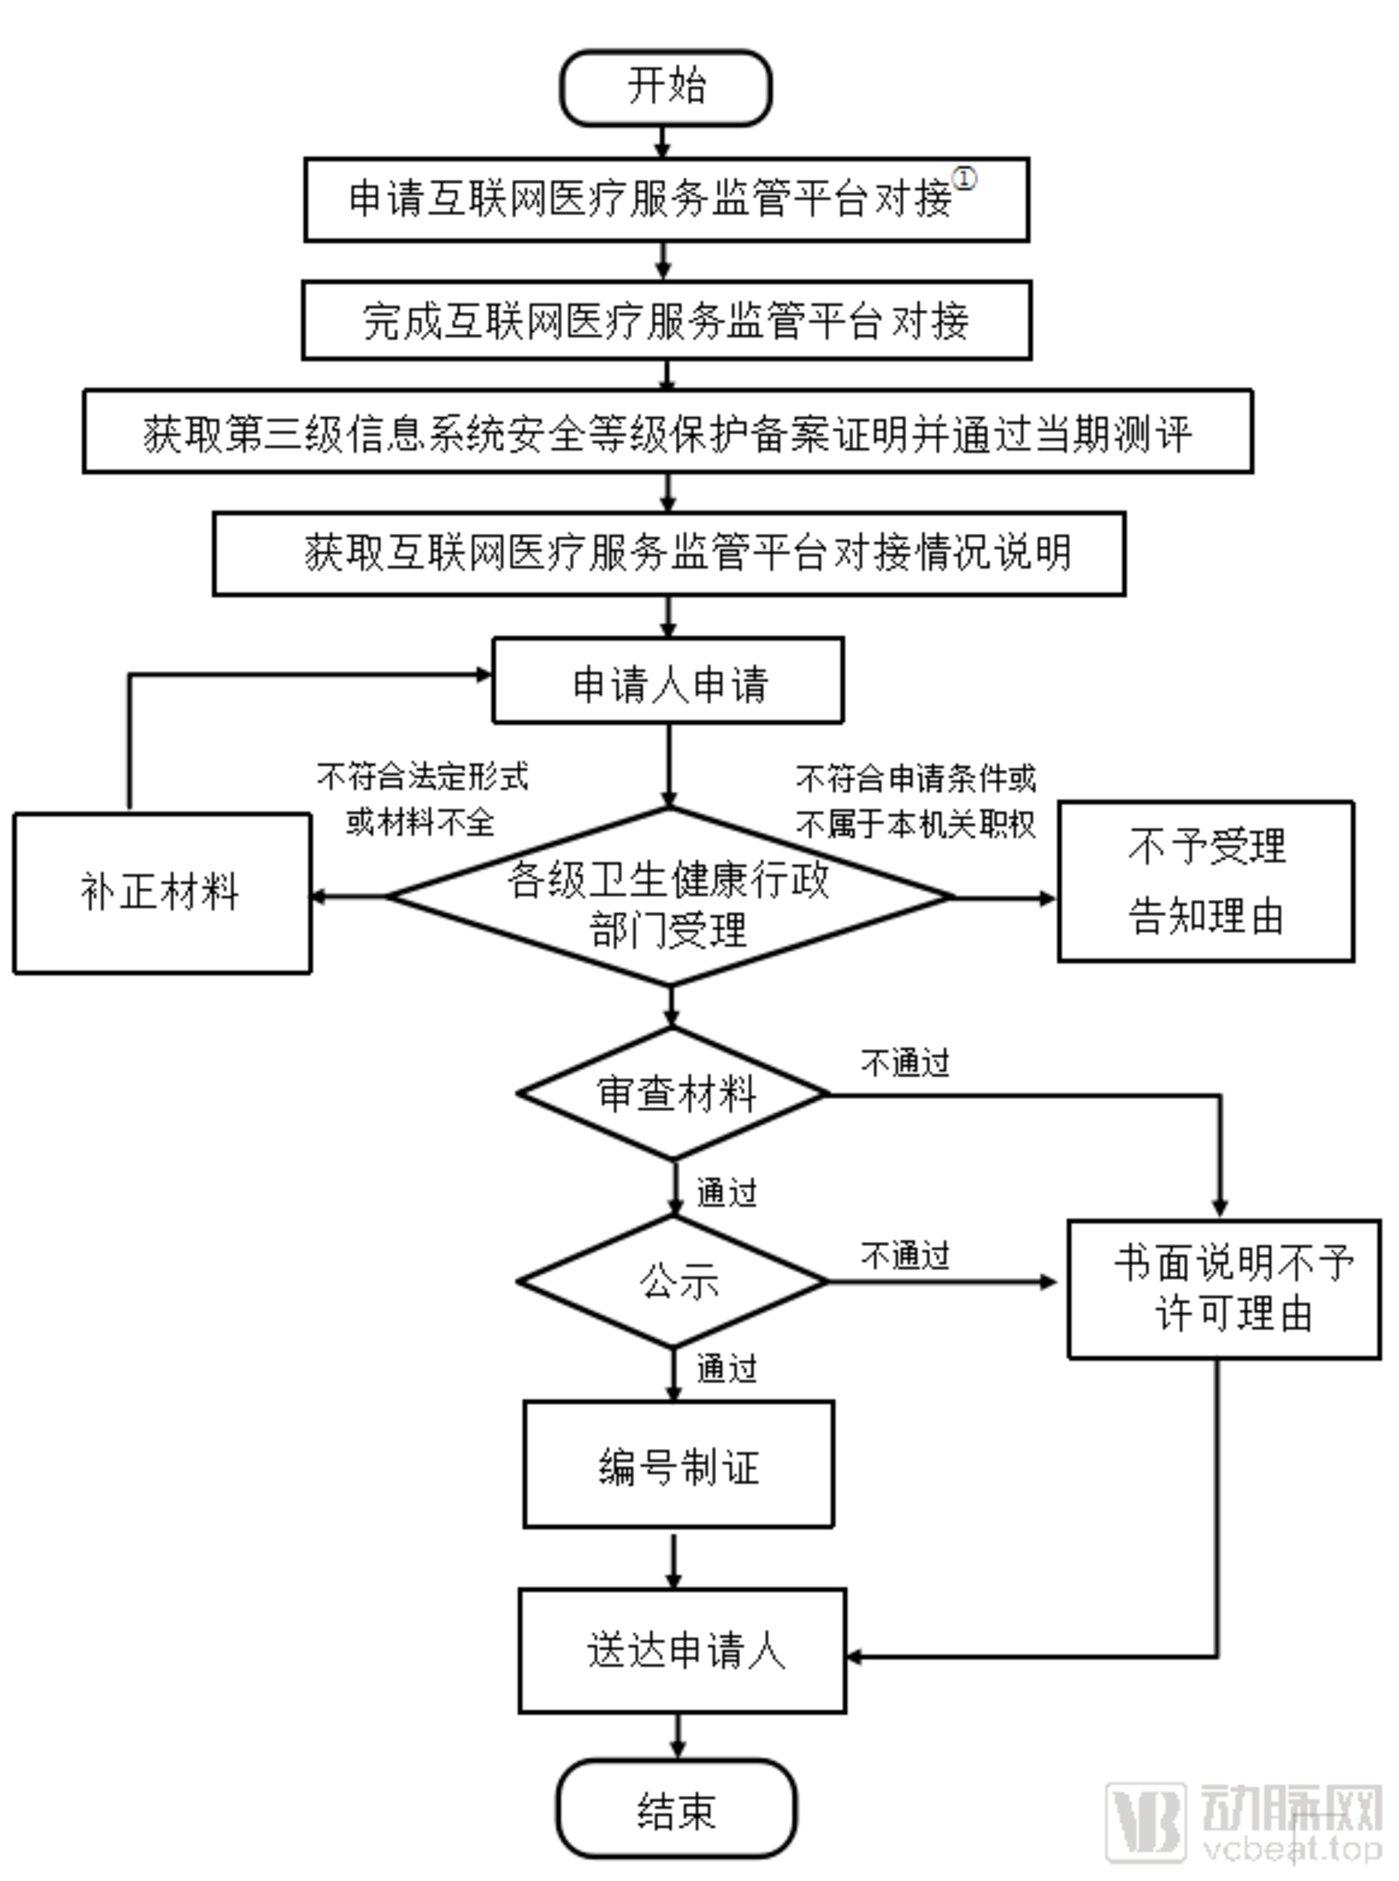 重庆互联网医院审批流程图,来源:重庆市卫健委官网